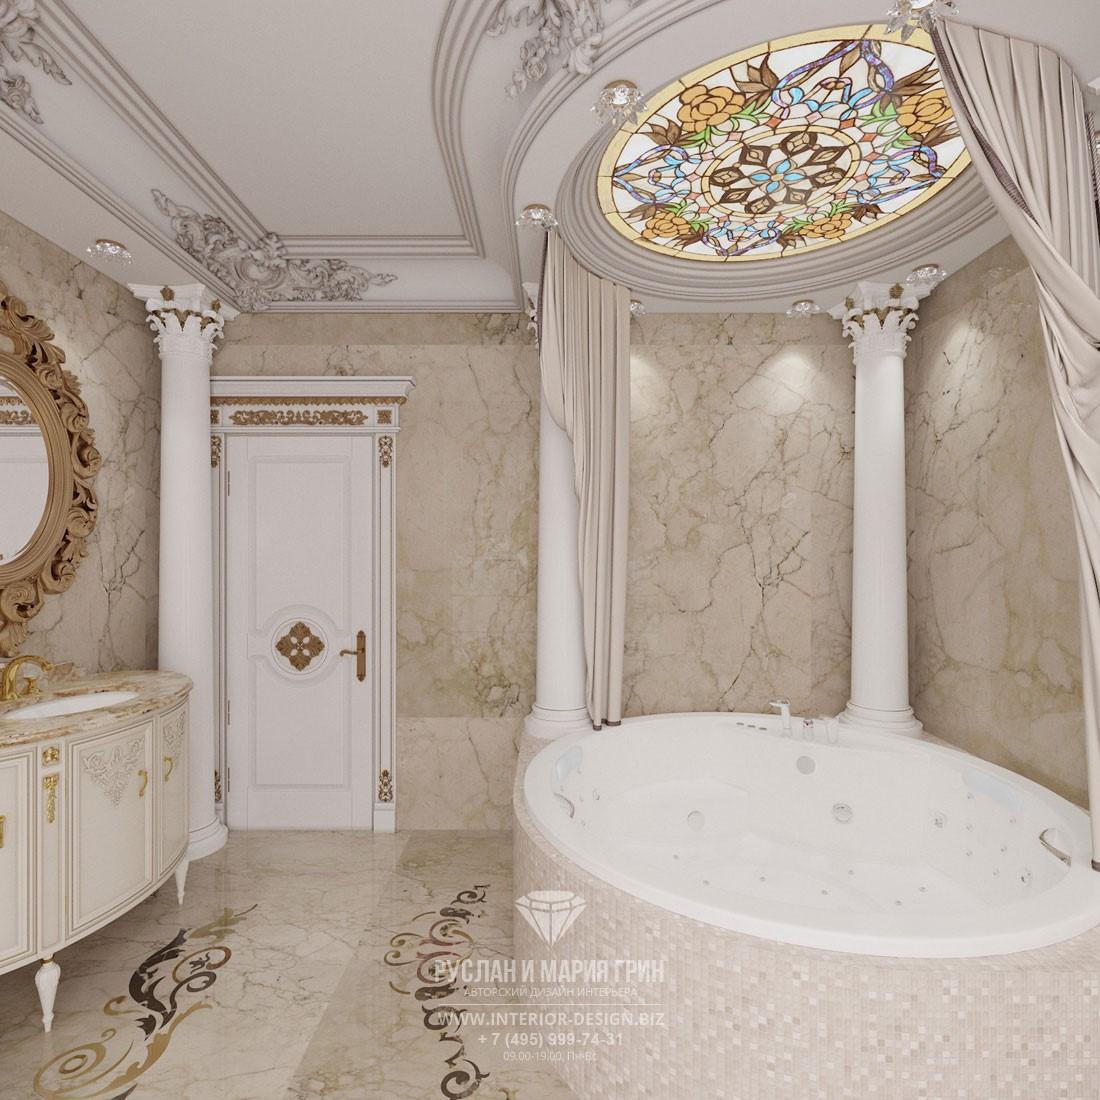 Дизайн светлой классической ванной комнаты с потолочным витражом и колоннами